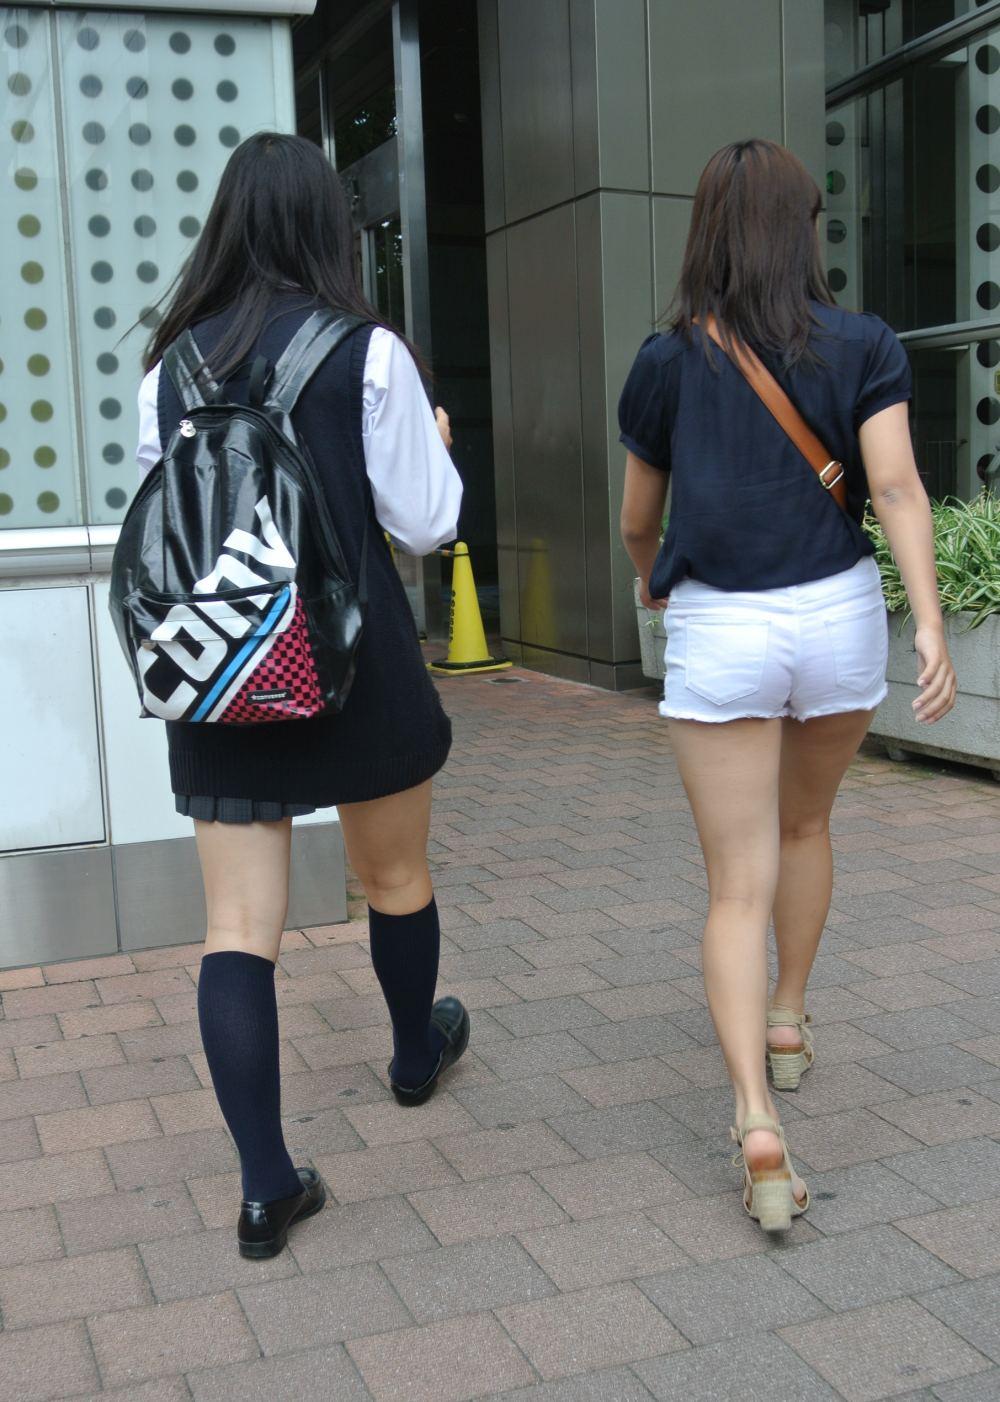 【短パン街撮り画像】美脚とヒップラインが際立つ短パン女性を背後から眺める 07